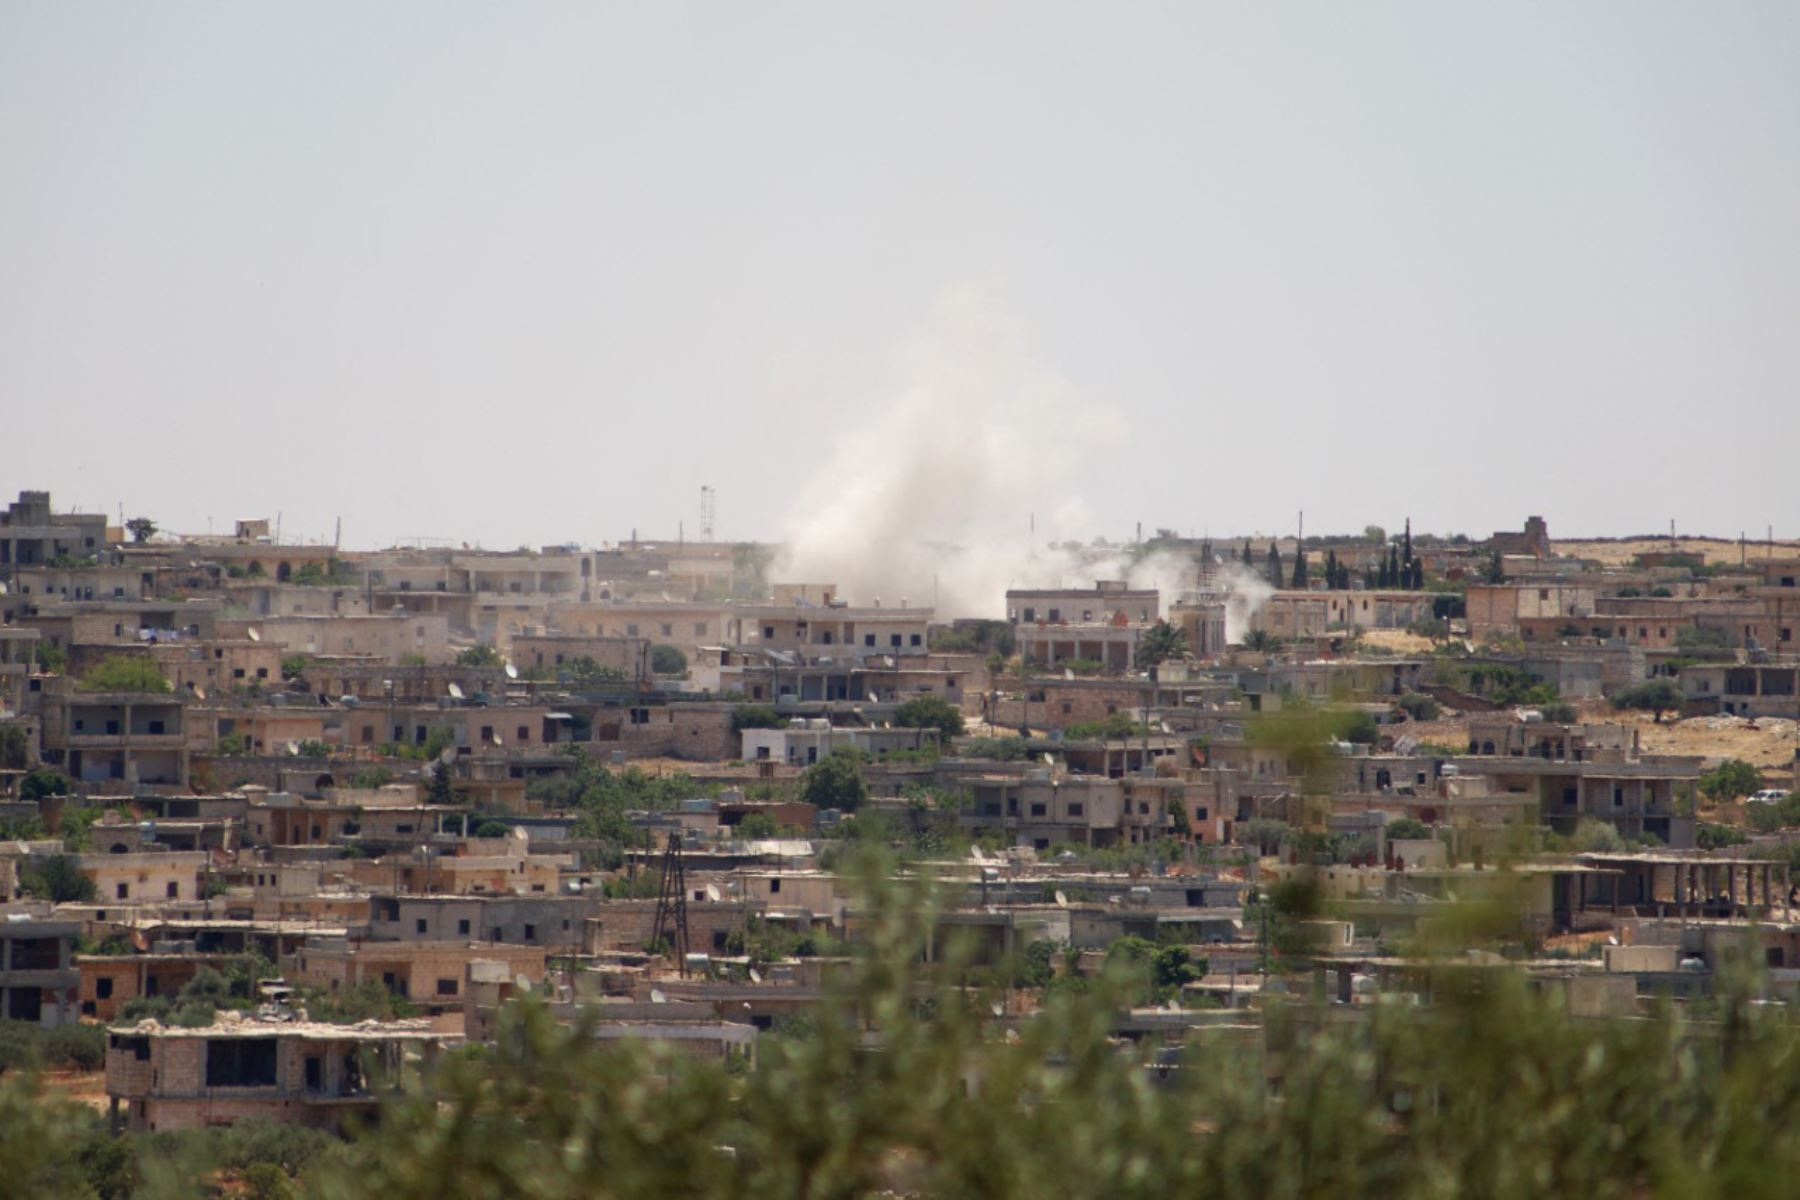 Impactan catorce cohetes en una base aérea con presencia de EE.UU. en Irak